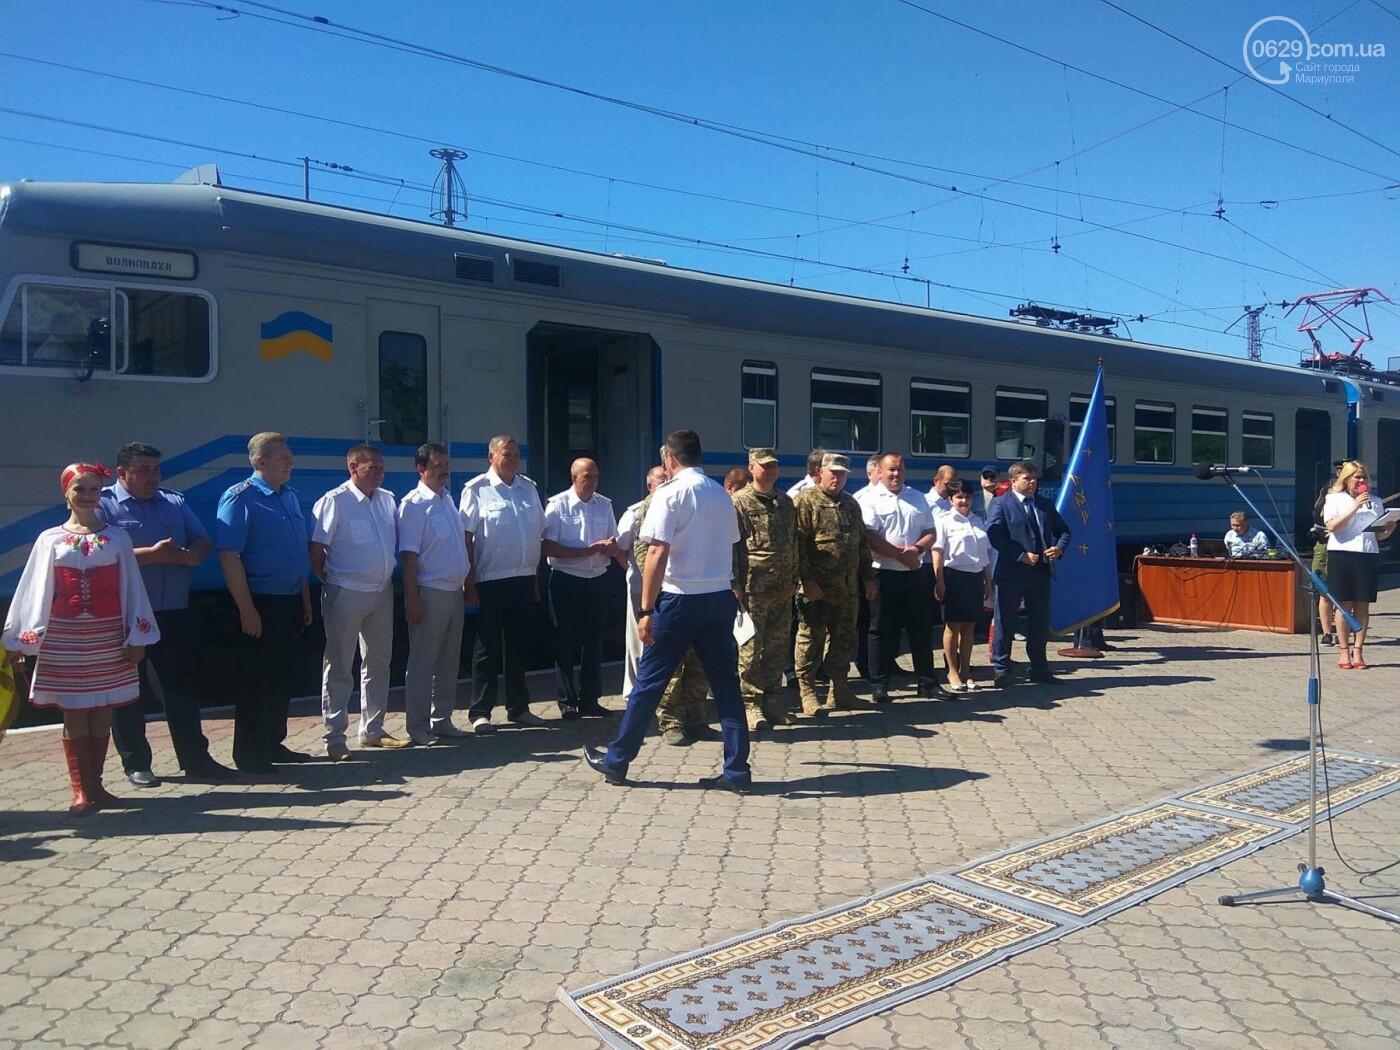 Из Мариуполя в Волноваху запустили пригородные электрички, - ФОТО, ВИДЕО, фото-5